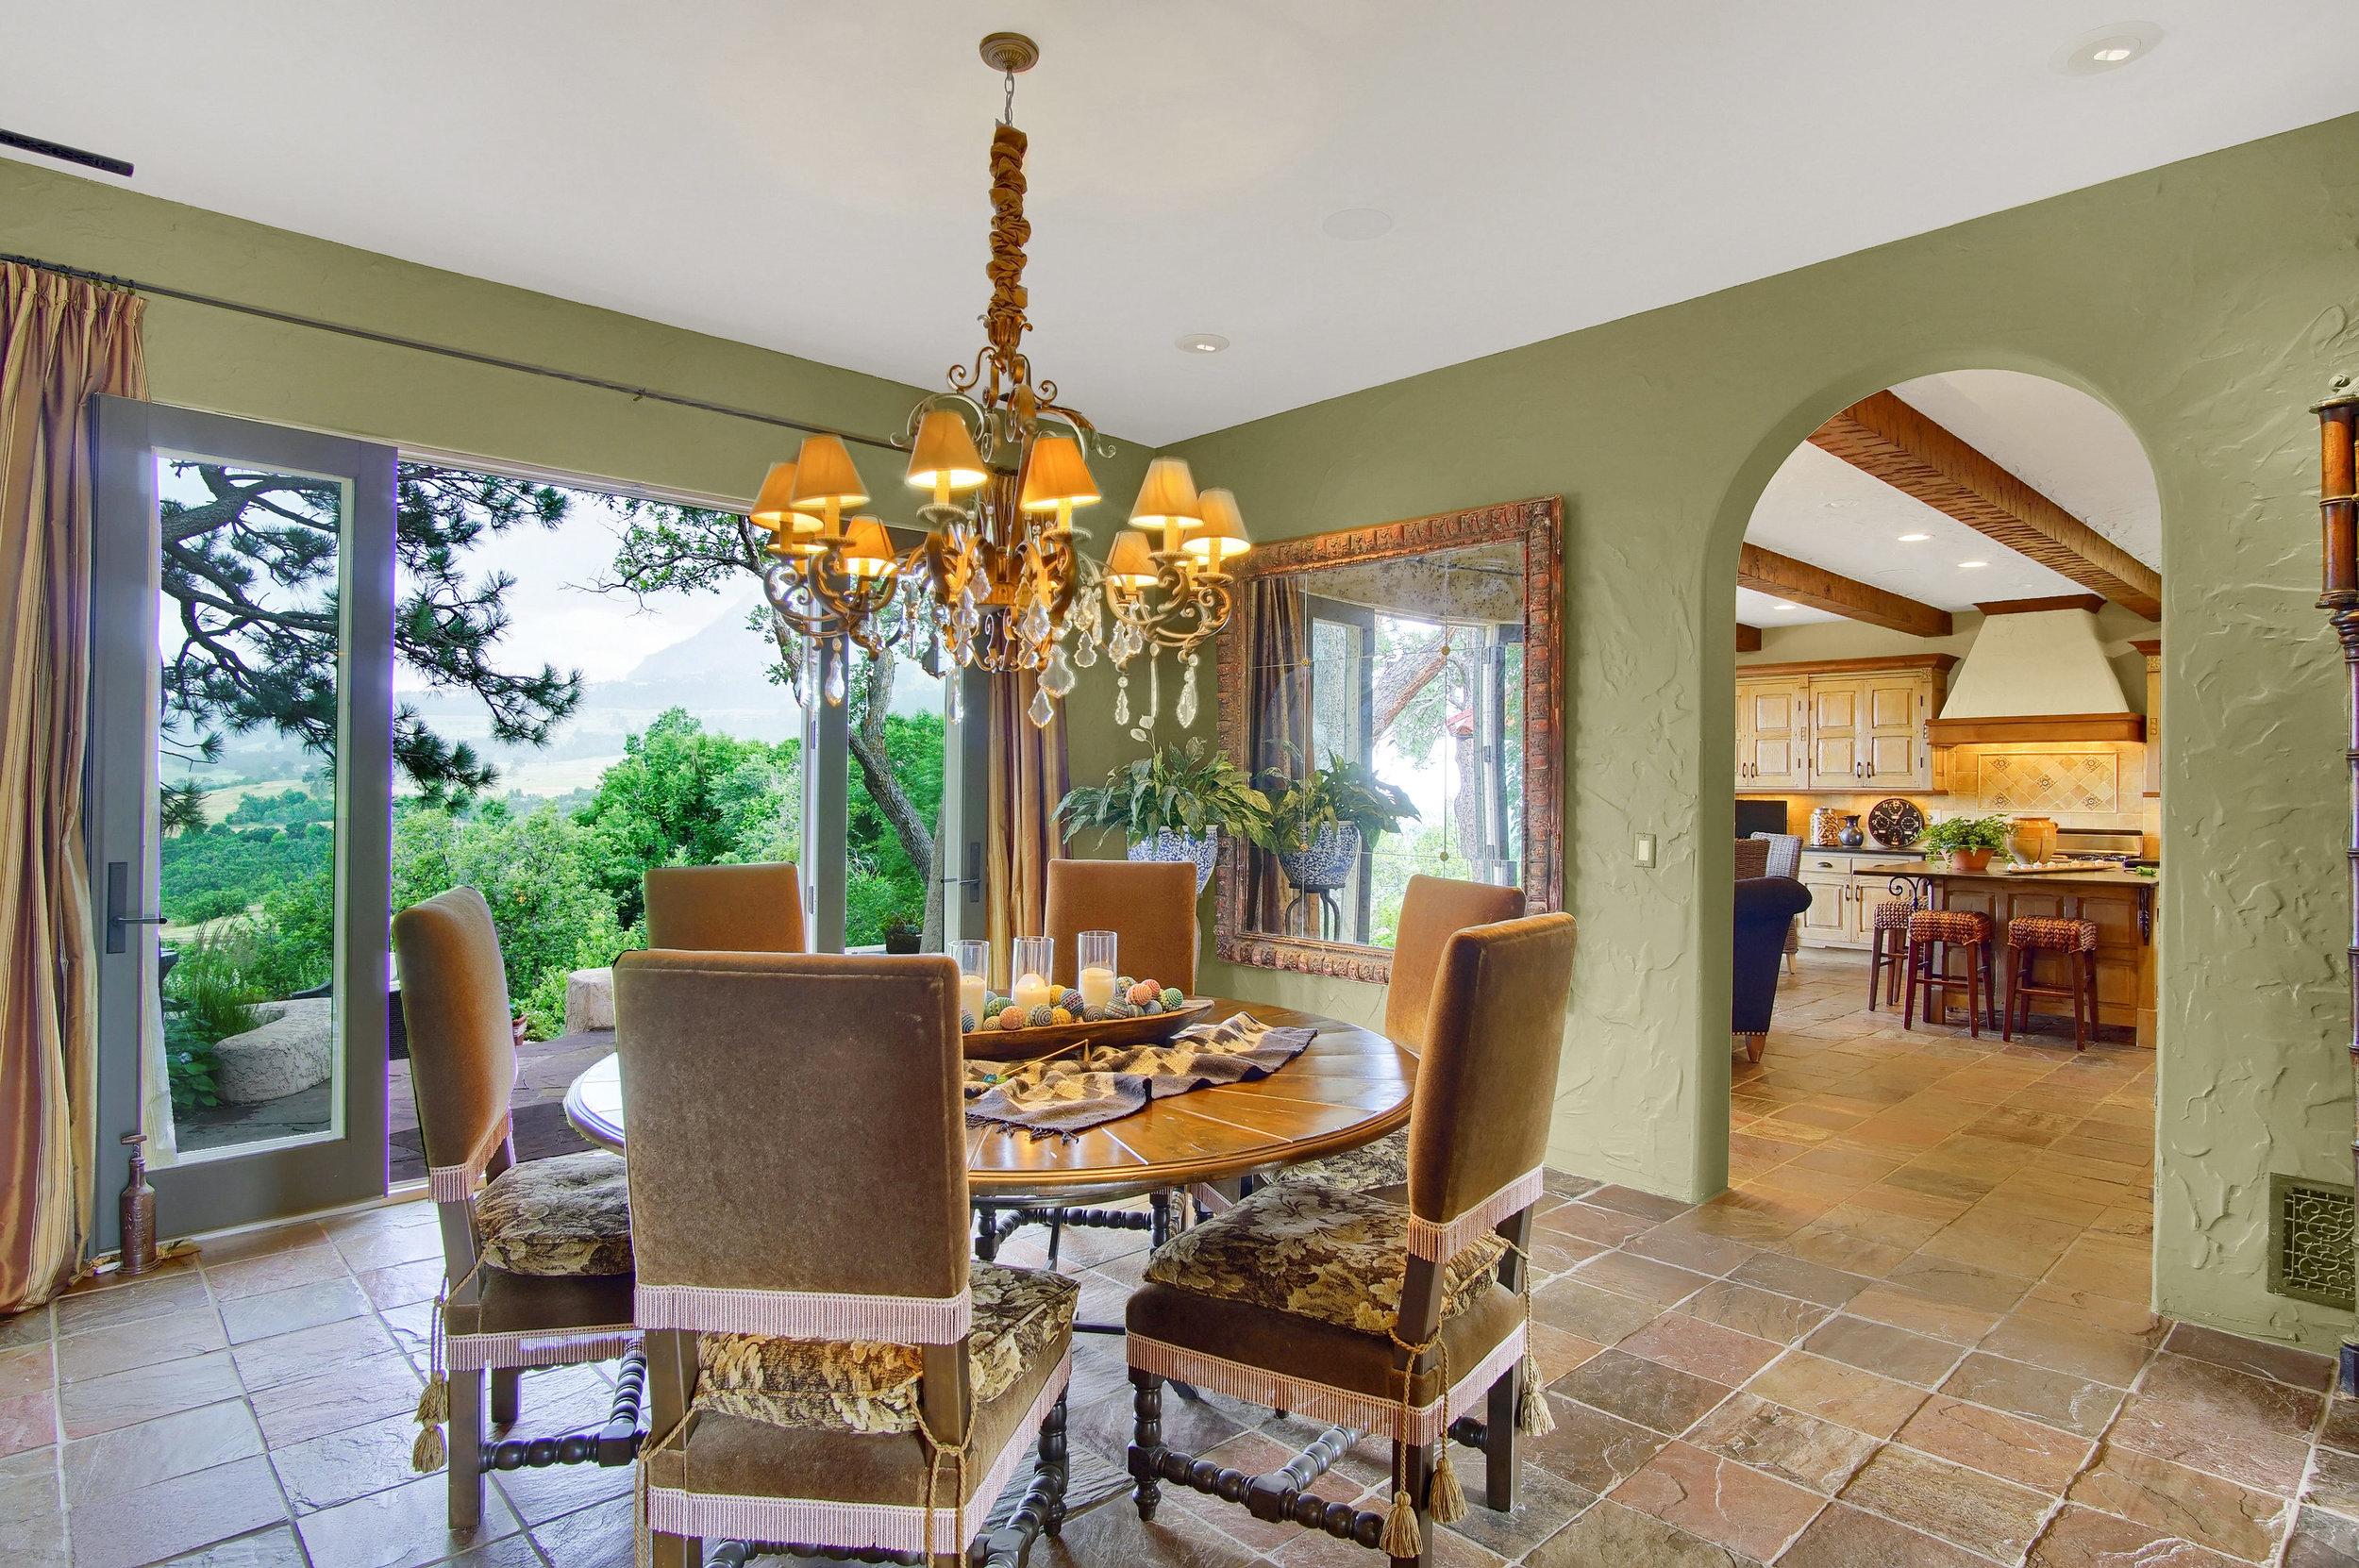 5 - Dining room opens to rear veranda .jpg